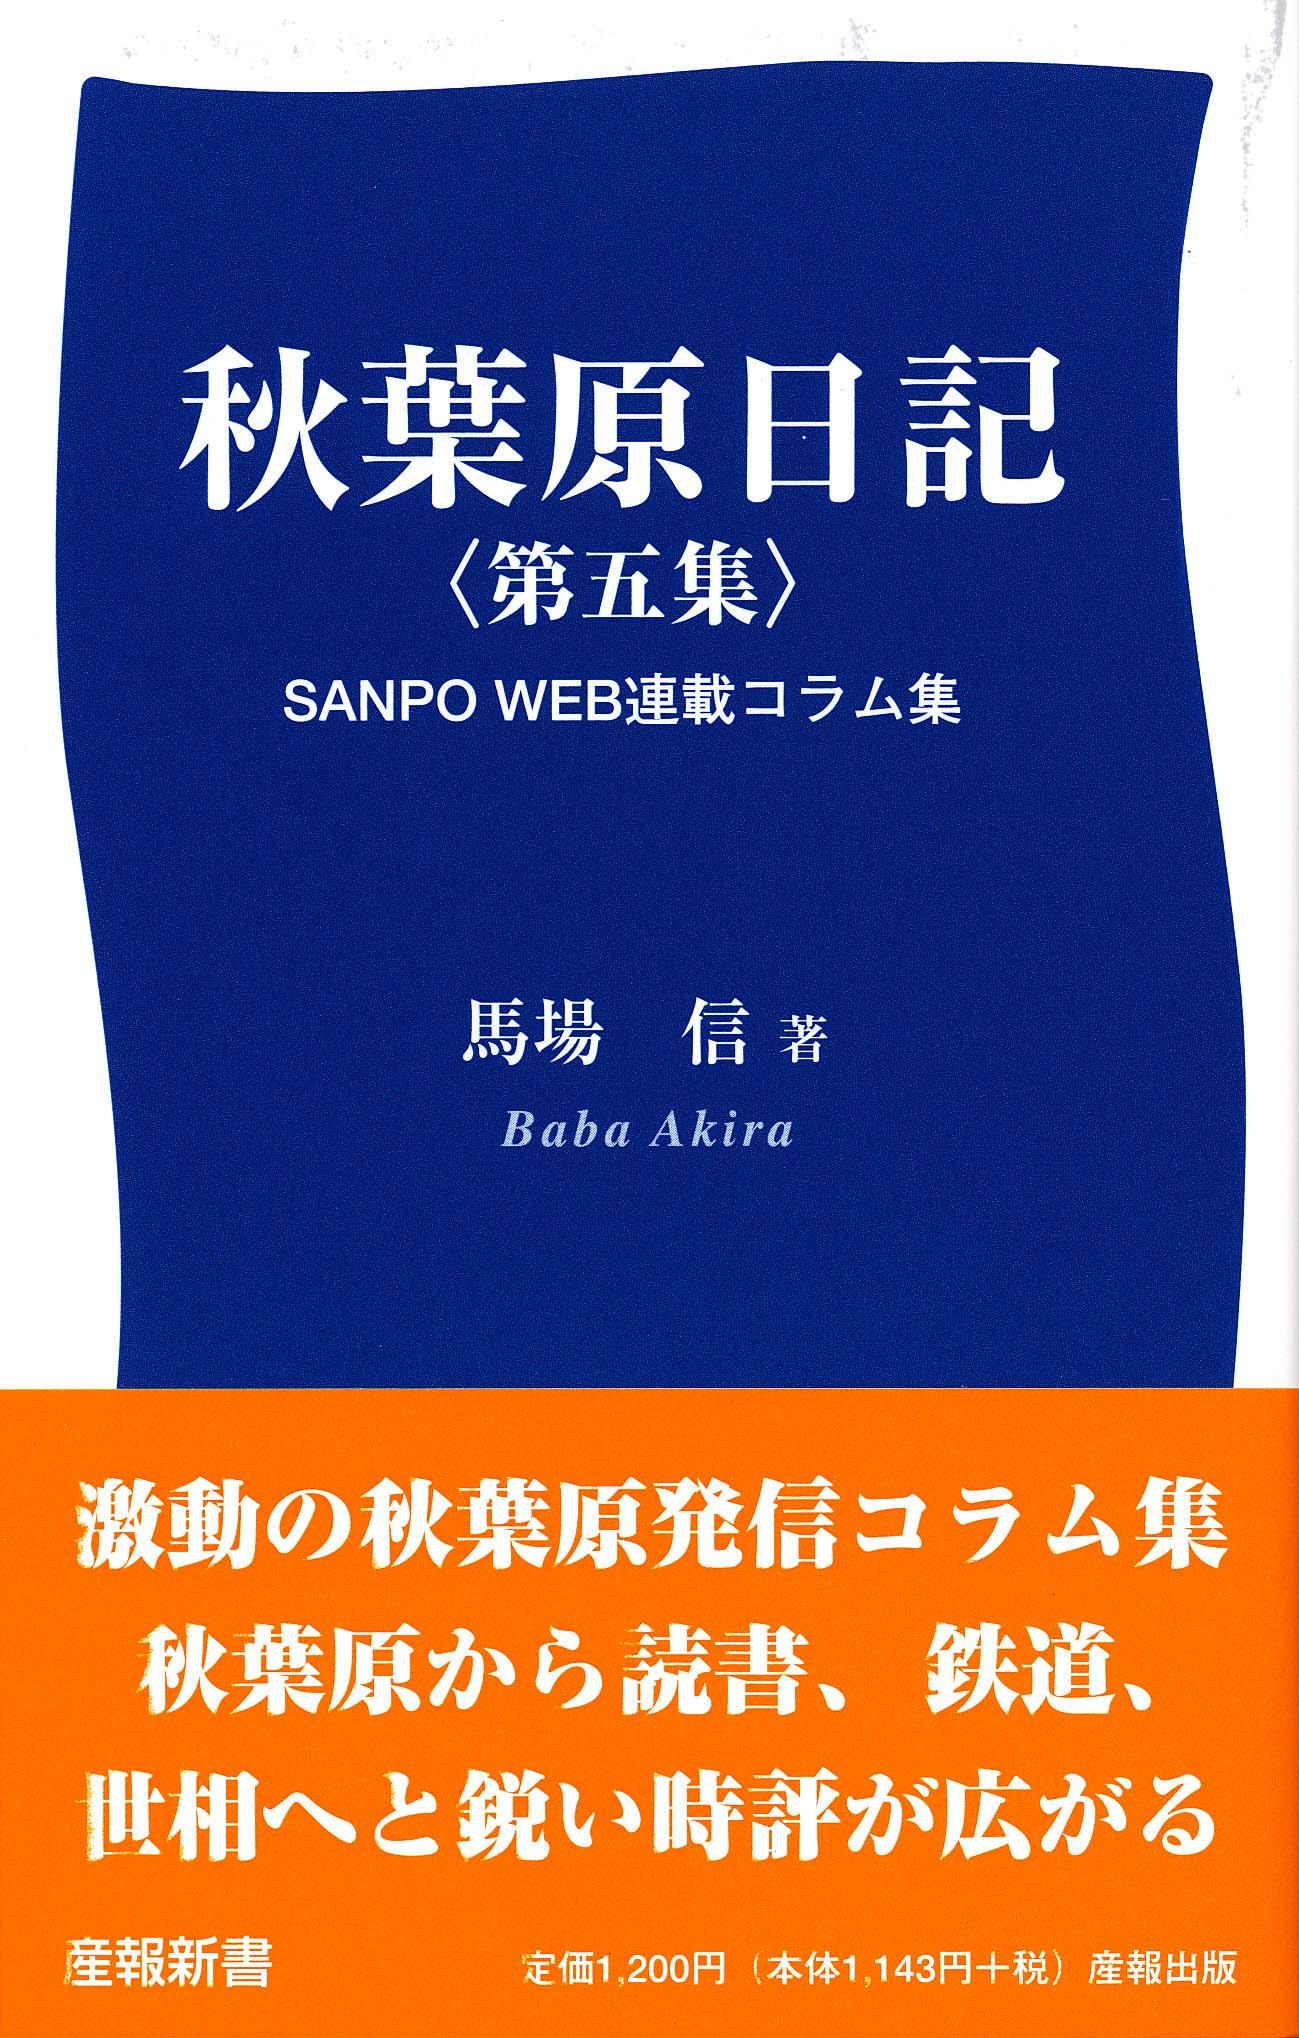 秋葉原日記 第五集 -SANPO WEB連載コラム集-